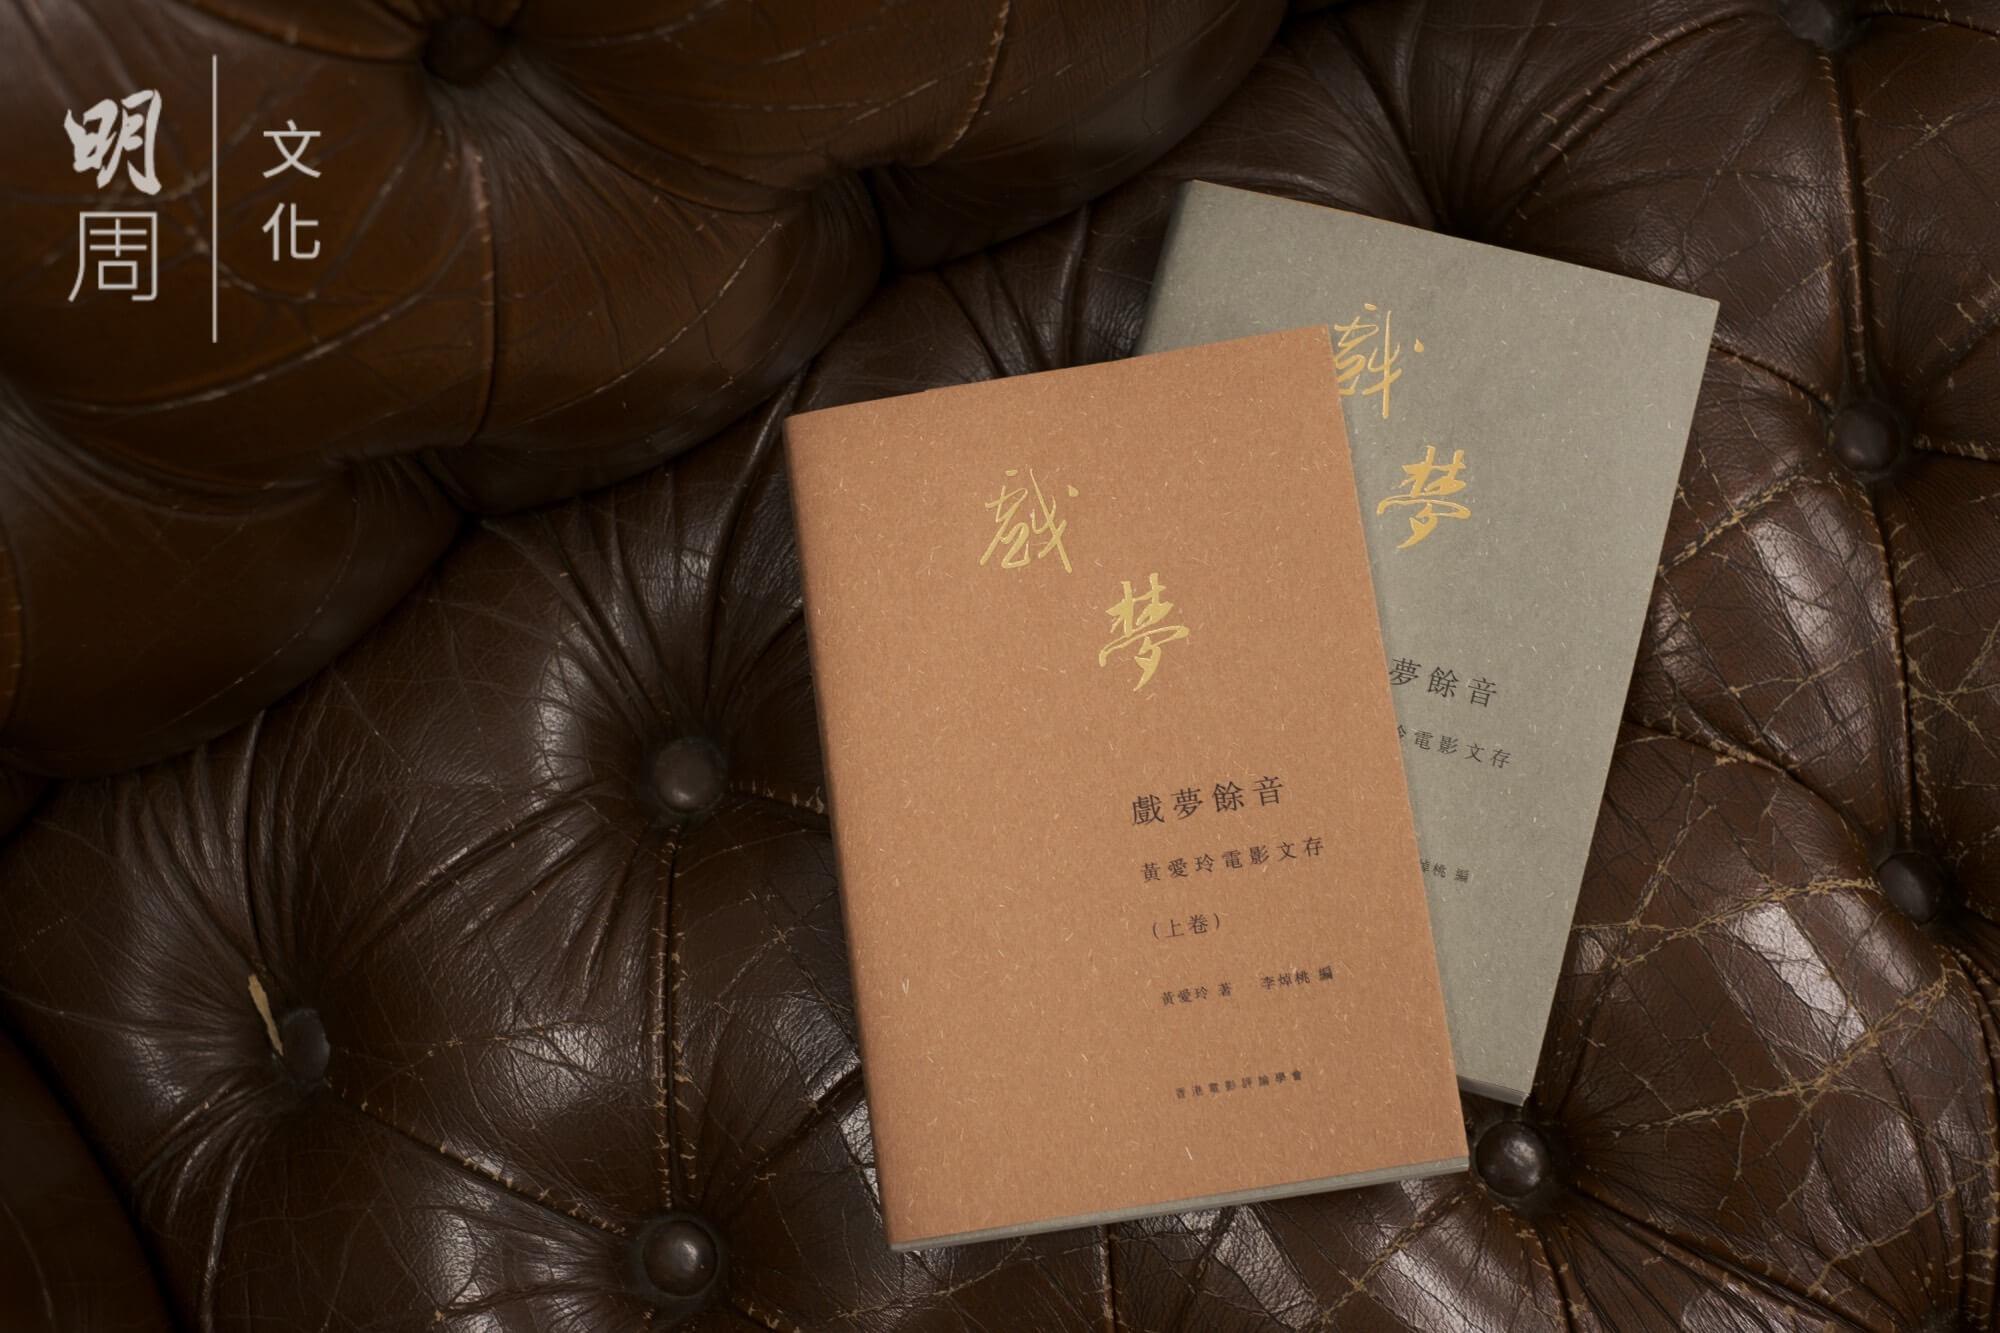 《戲夢餘音:黃愛玲電影文存》上、下卷由香港電影評論學會早前出版。